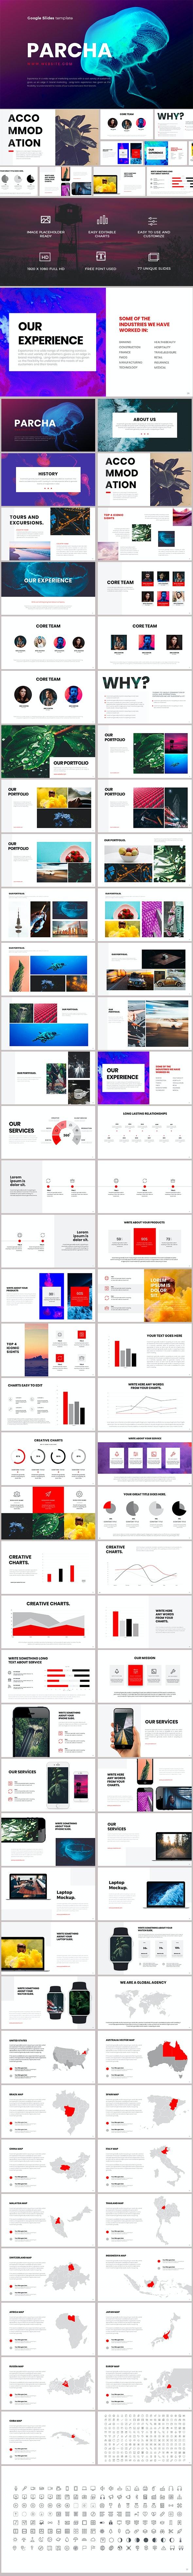 Parcha Google Slides - Google Slides Presentation Templates